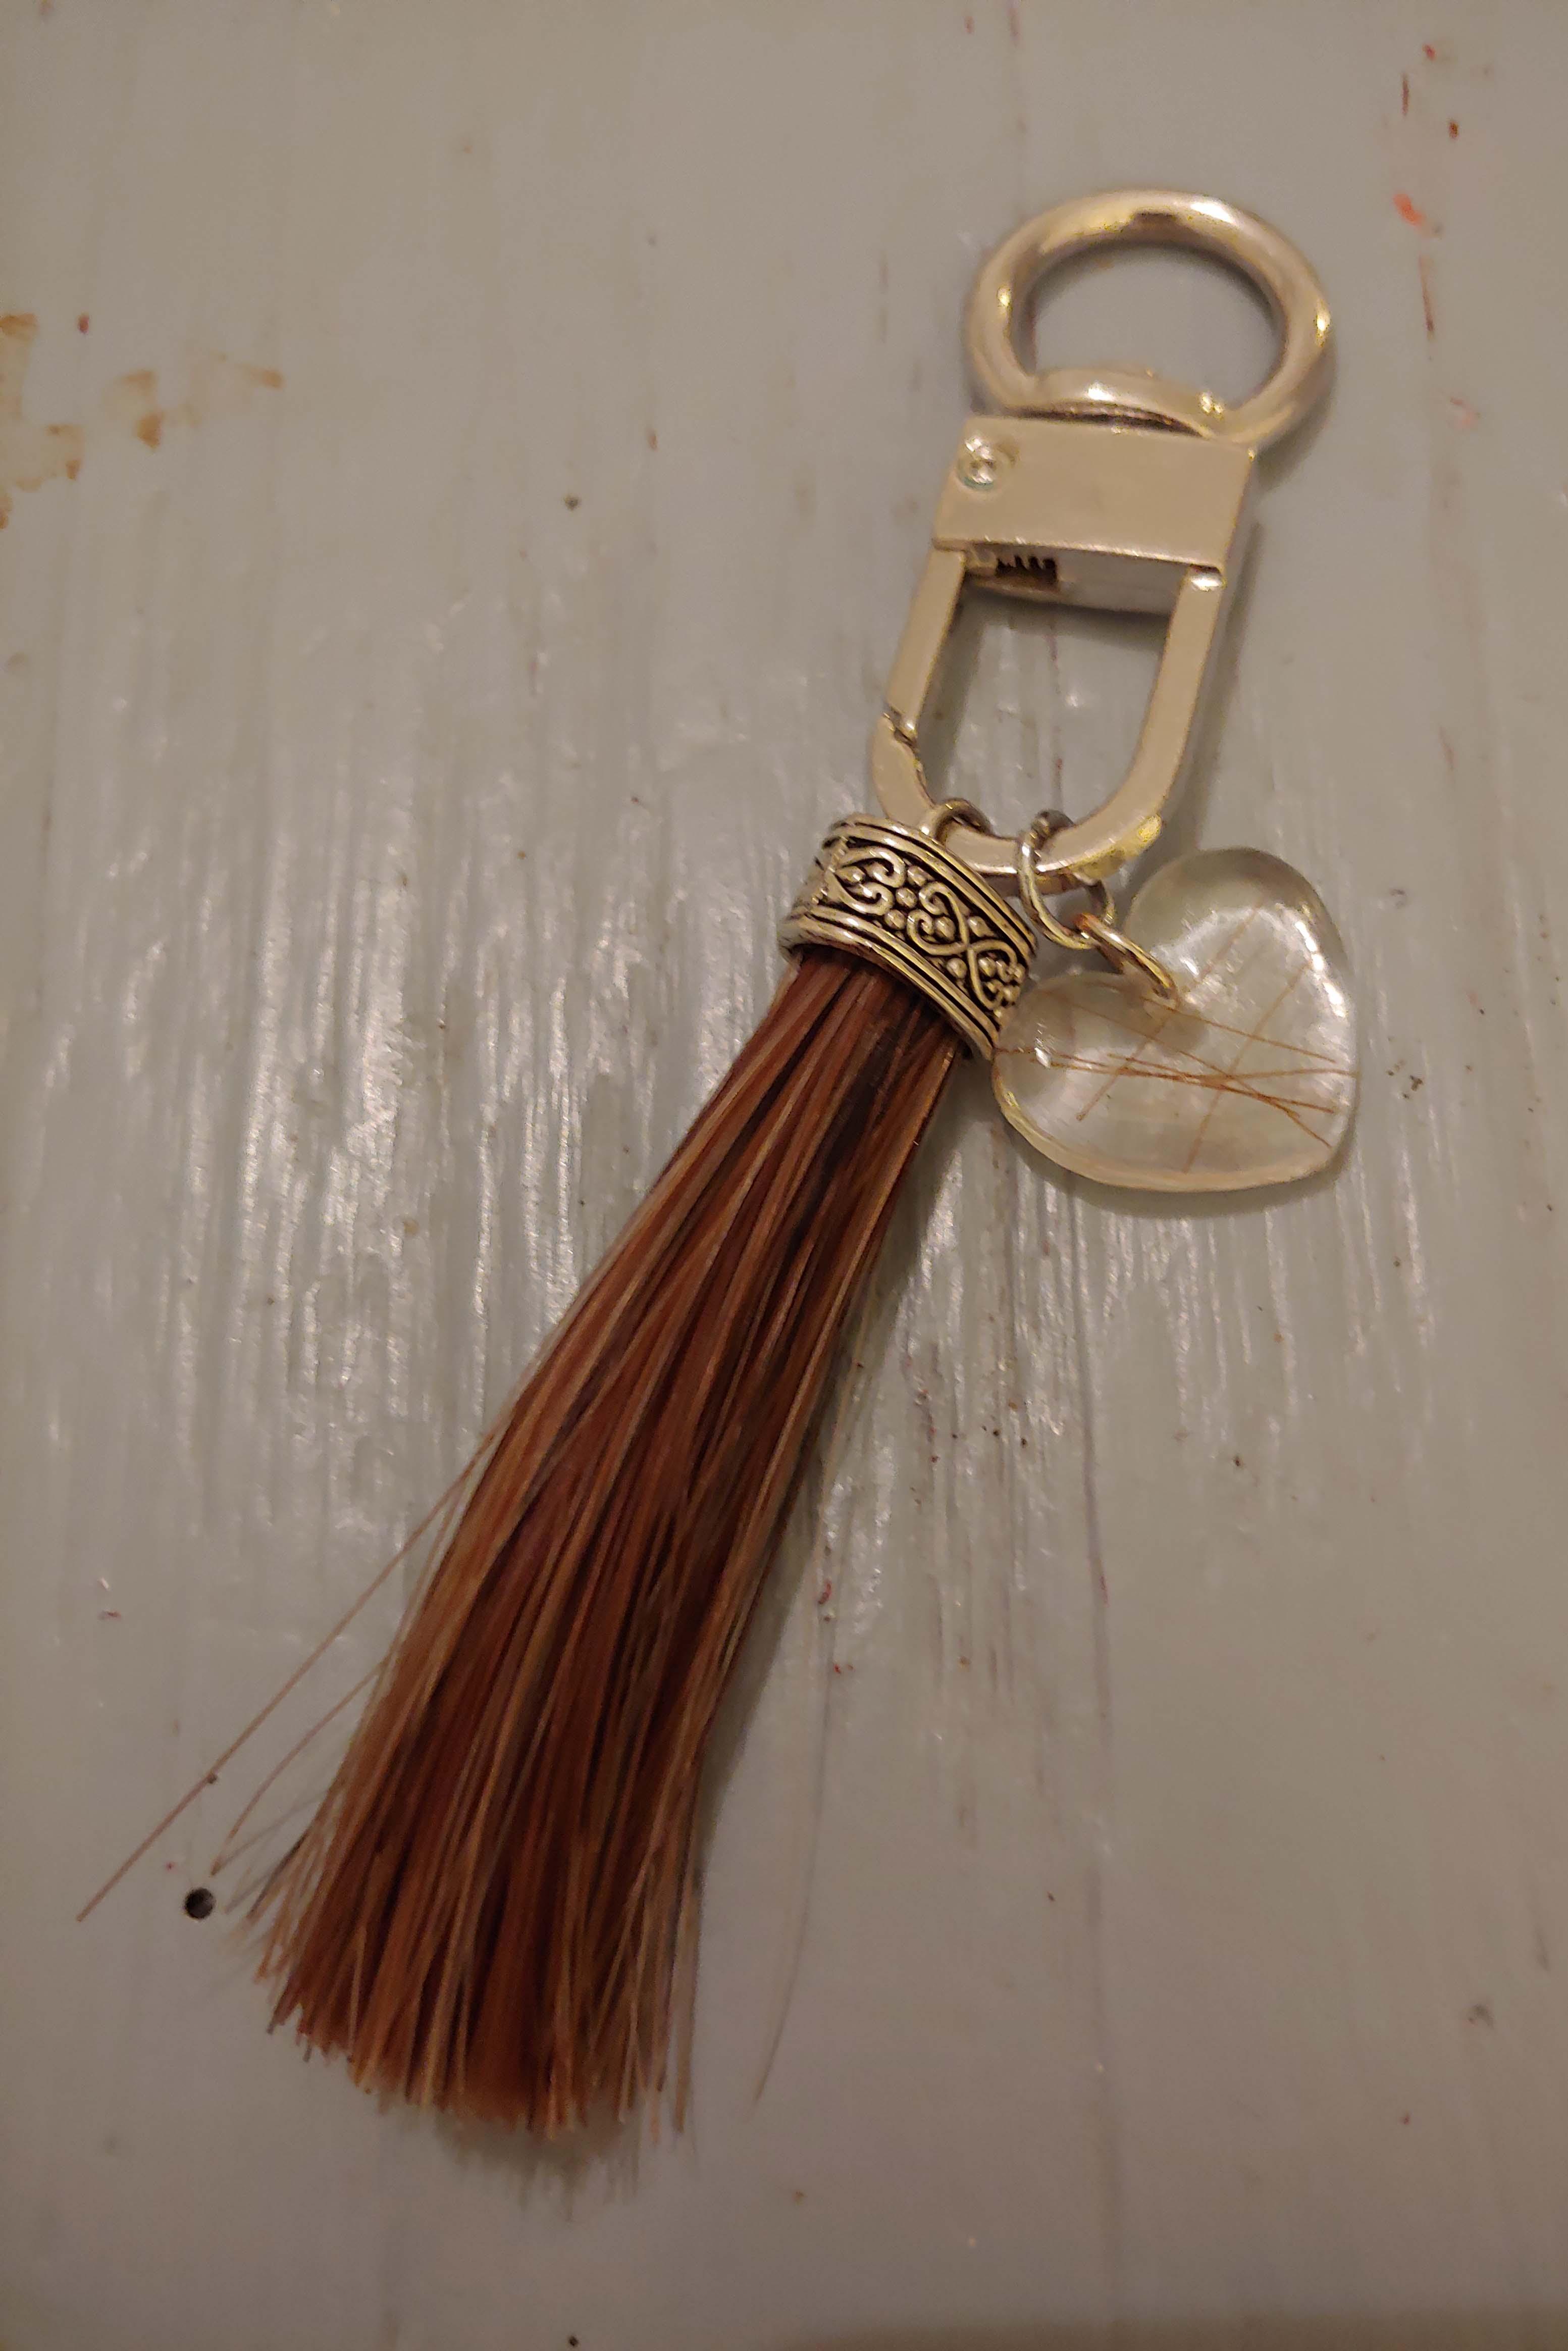 Sleutelhanger van Ilion zijn haar en zijn haar in een epoxy hart